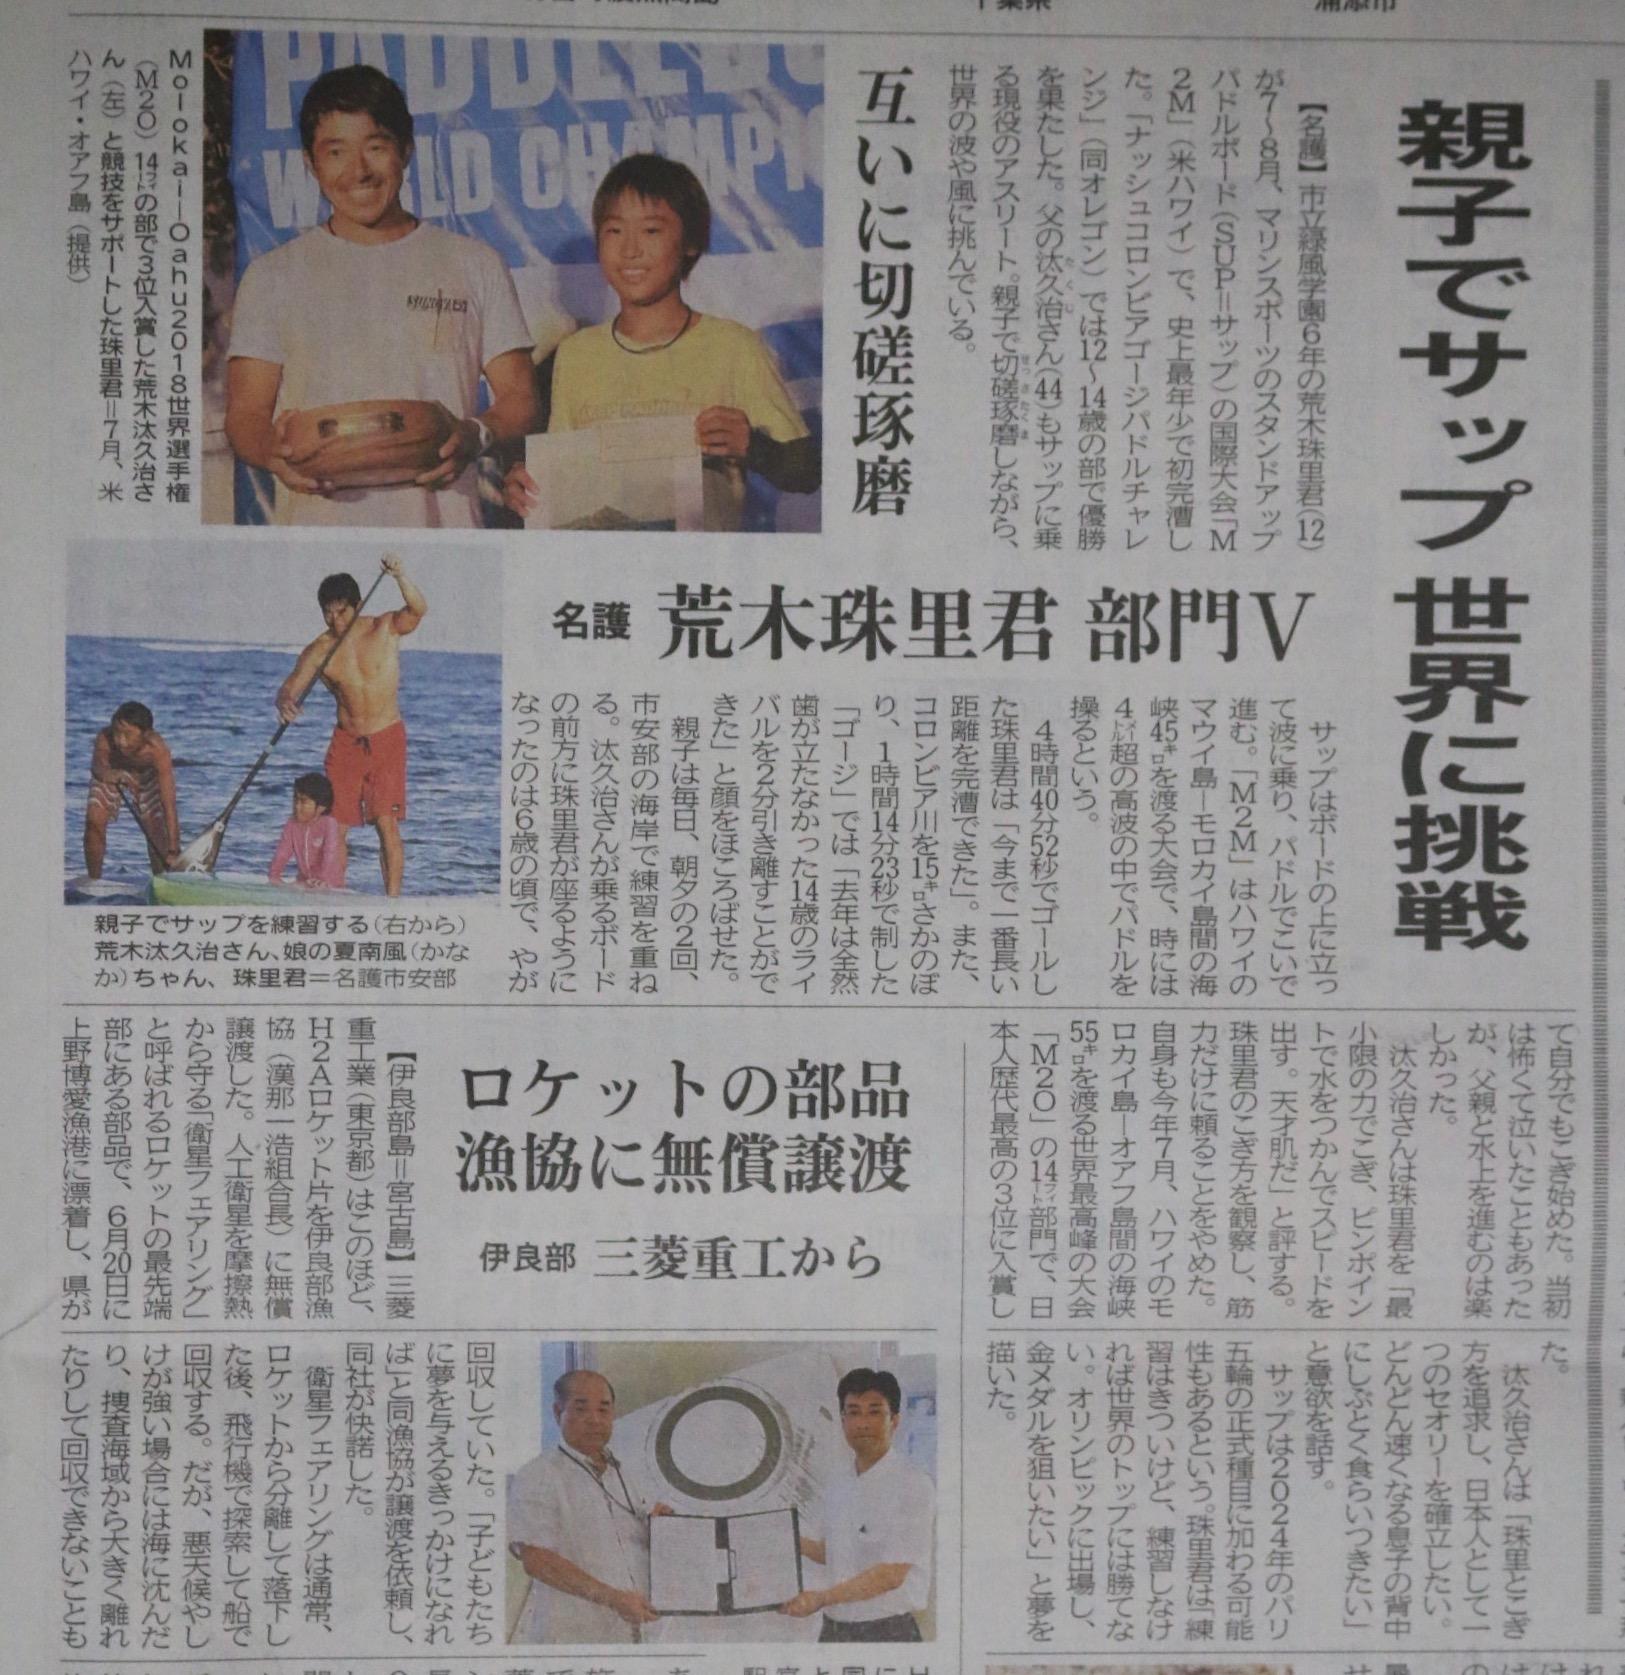 2018/9/16 沖縄タイムス